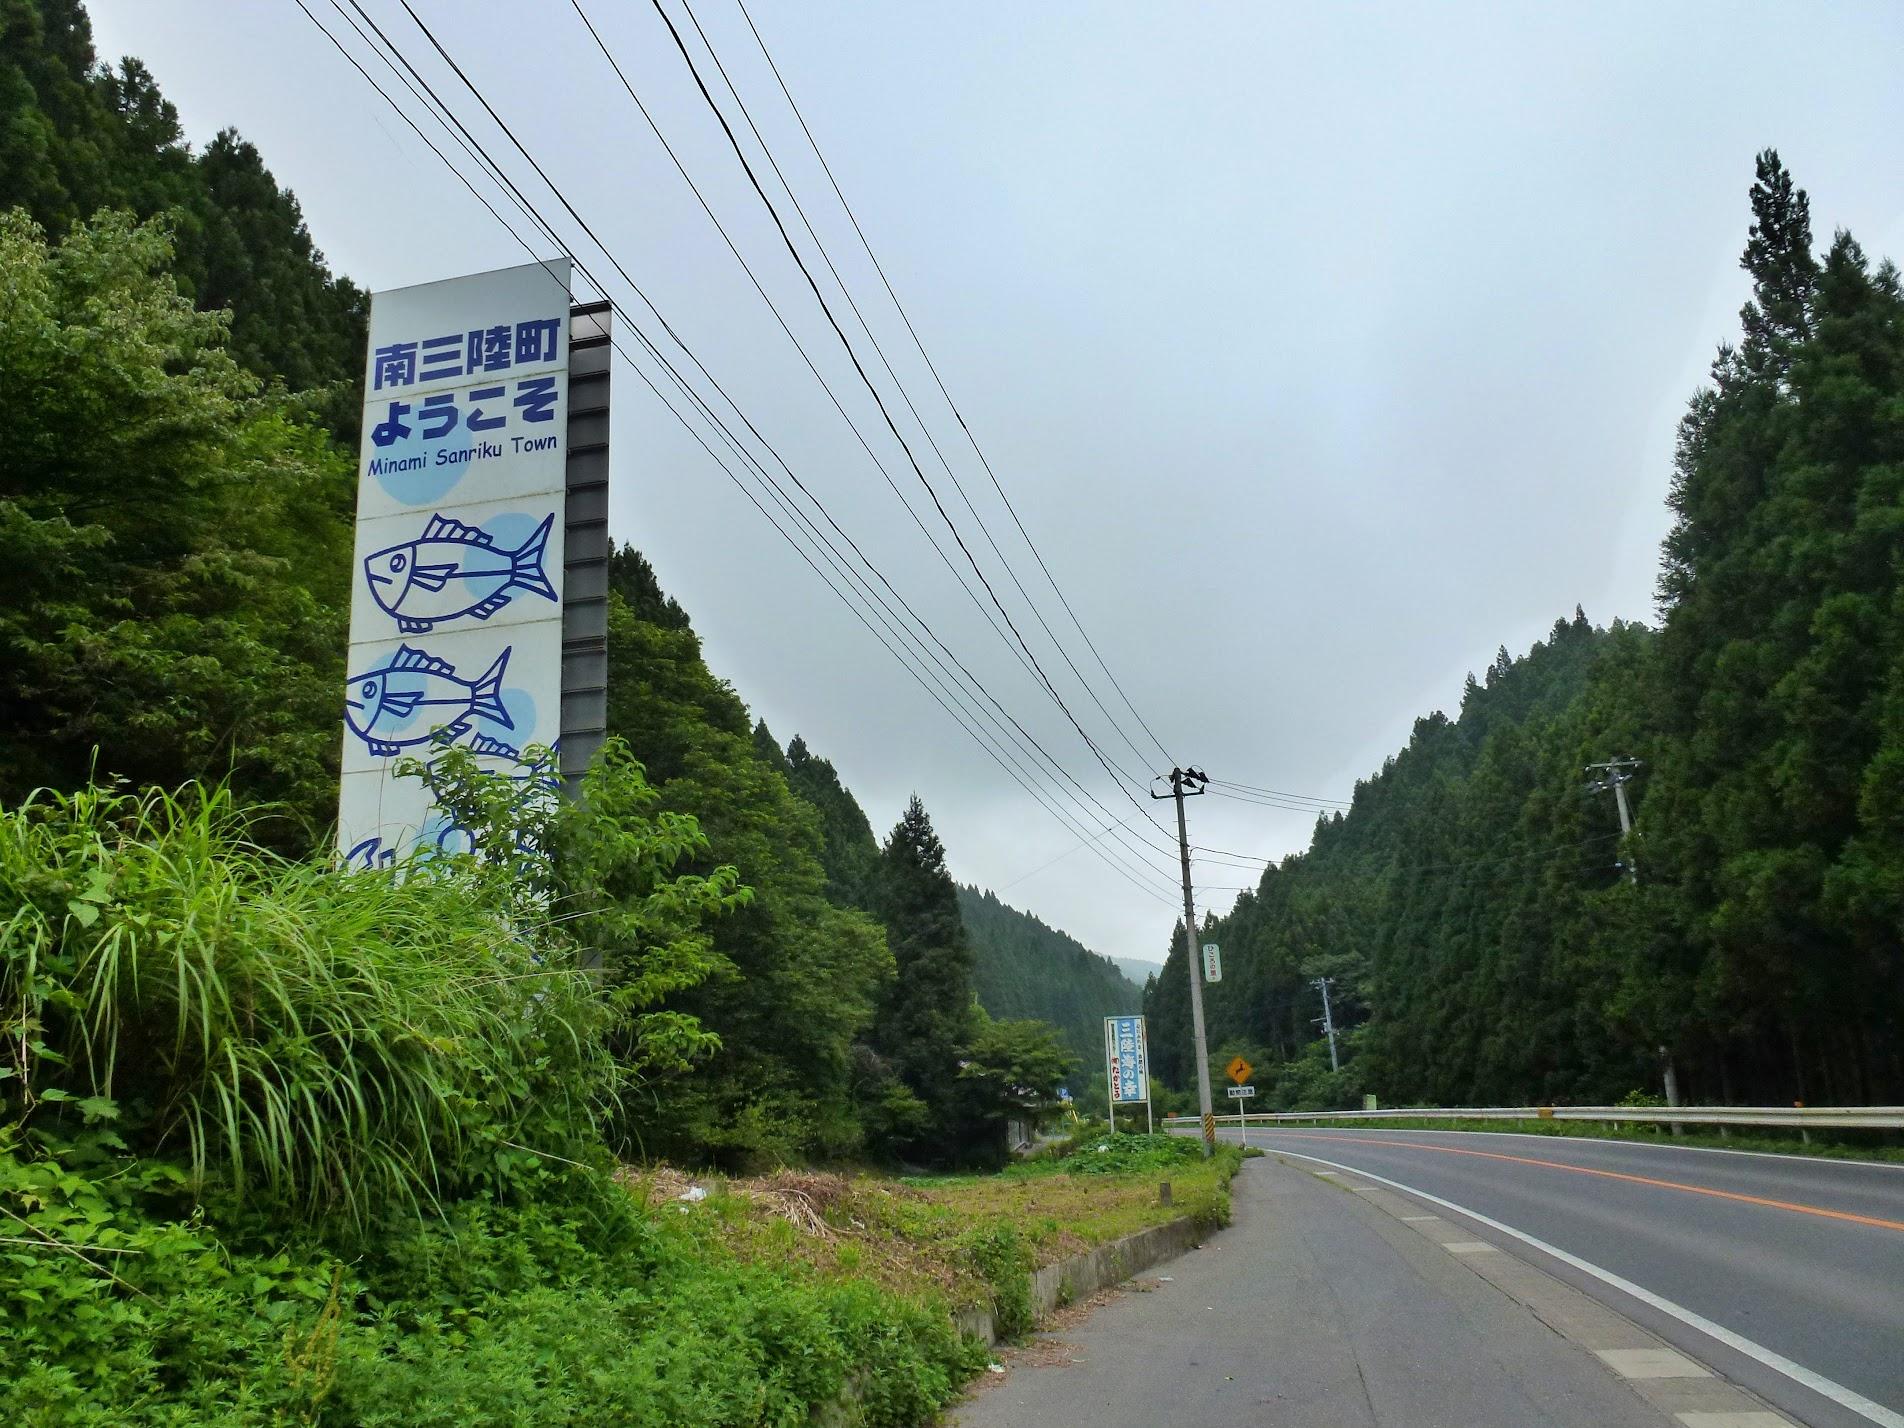 「南三陸町ようこそ」看板(国道45号・戸倉街道方)